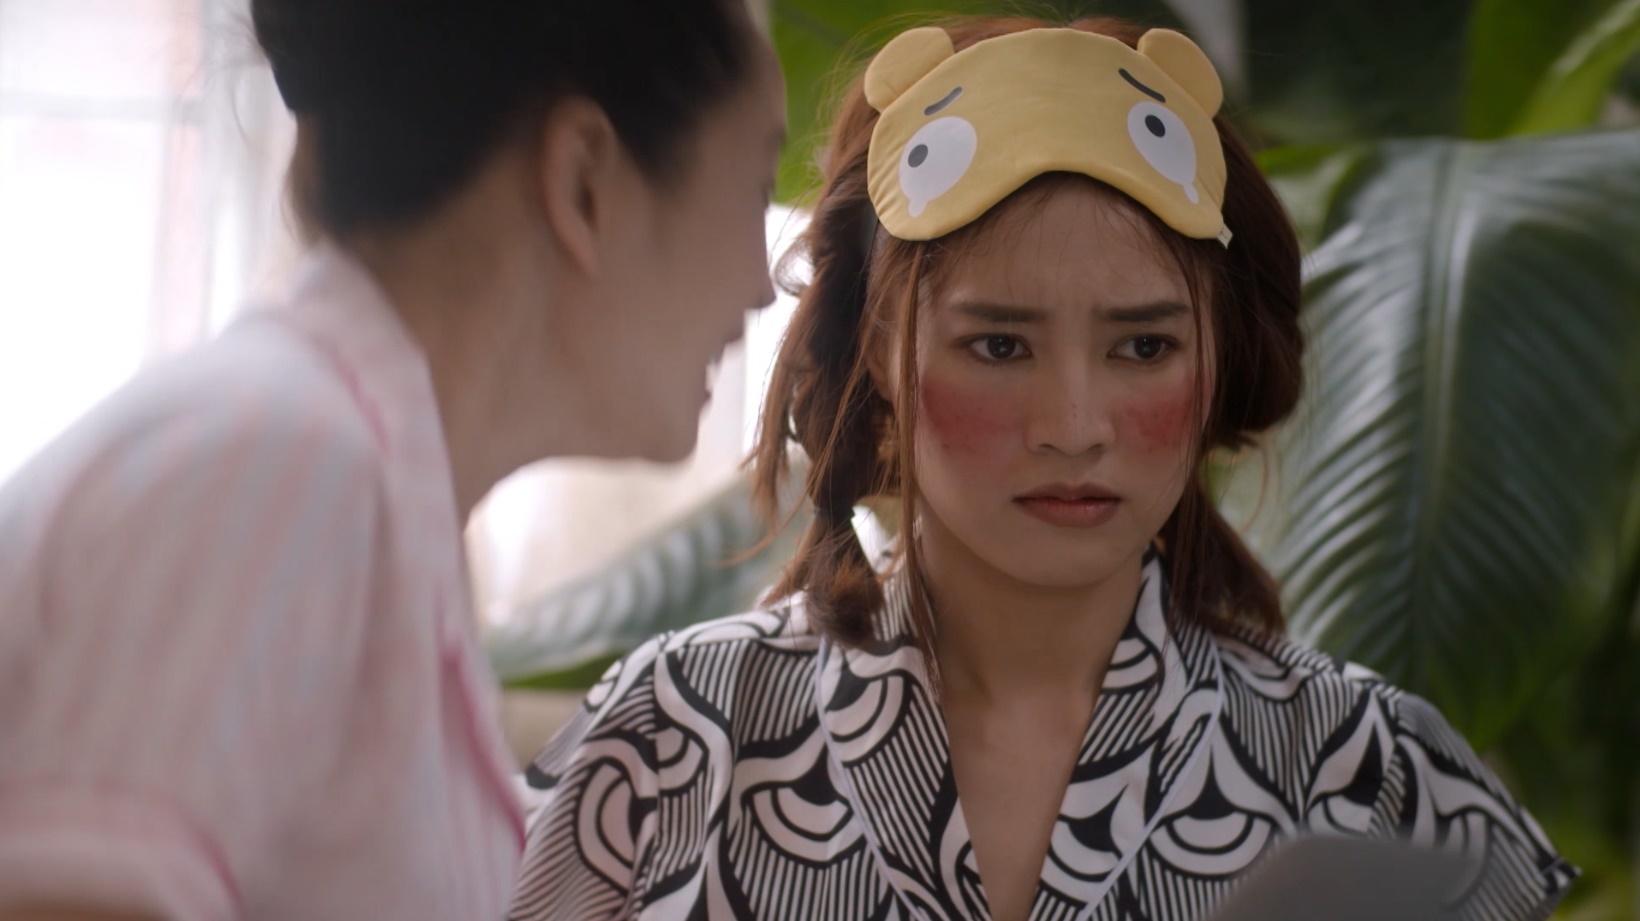 """Rũ bỏ hình ảnh phong trần, Minh Huy """"biến hình"""" thành nhà văn đại tài làm Nam Phong há hốc kinh ngạc"""